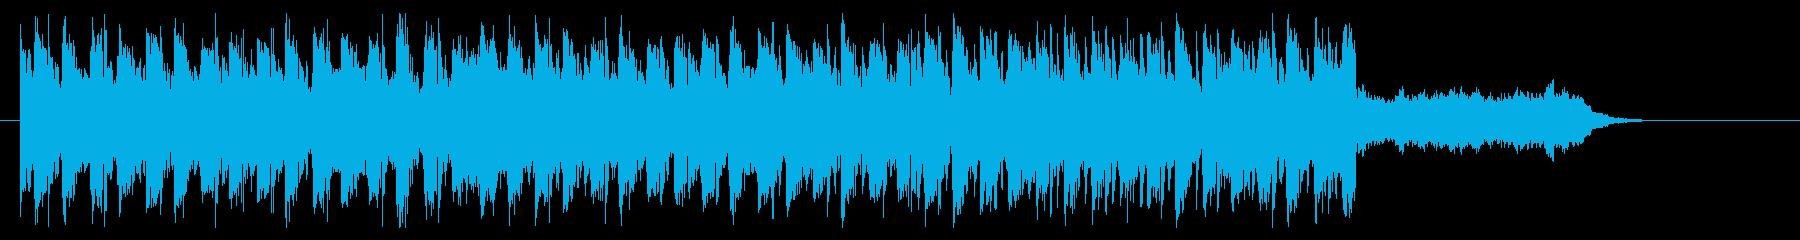 クリスマス EDM アップテンポ ベルの再生済みの波形